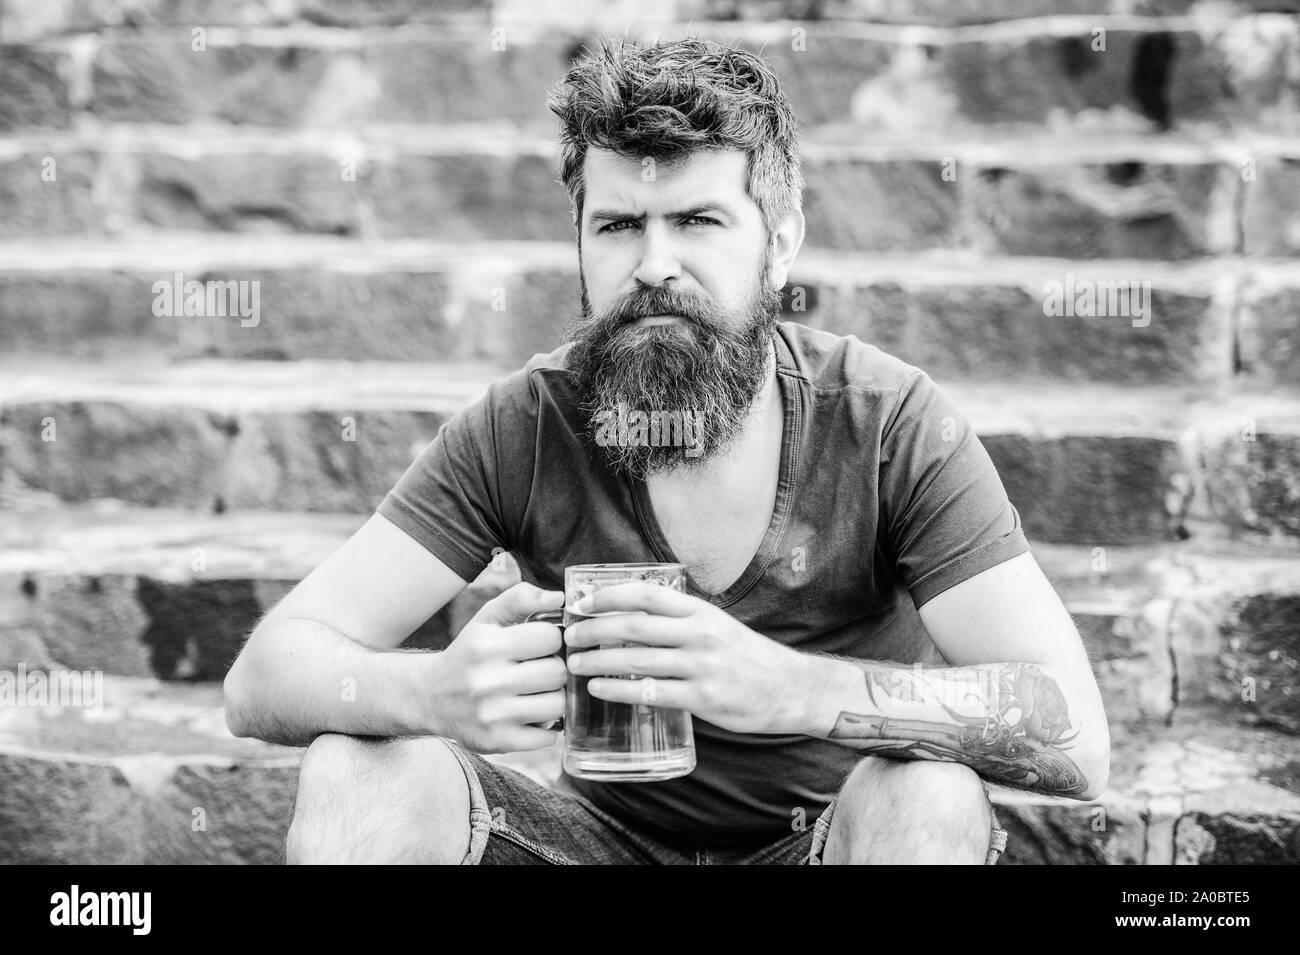 Beber cerveza bebidas alcohólicas. brutal macho necesita un refresco. Hipster madura con el pelo de la barba bebiendo cerveza. fin de semana relax. Hombre Barbado con vaso de cerveza al aire libre. Controlar la calidad de la cerveza. Foto de stock